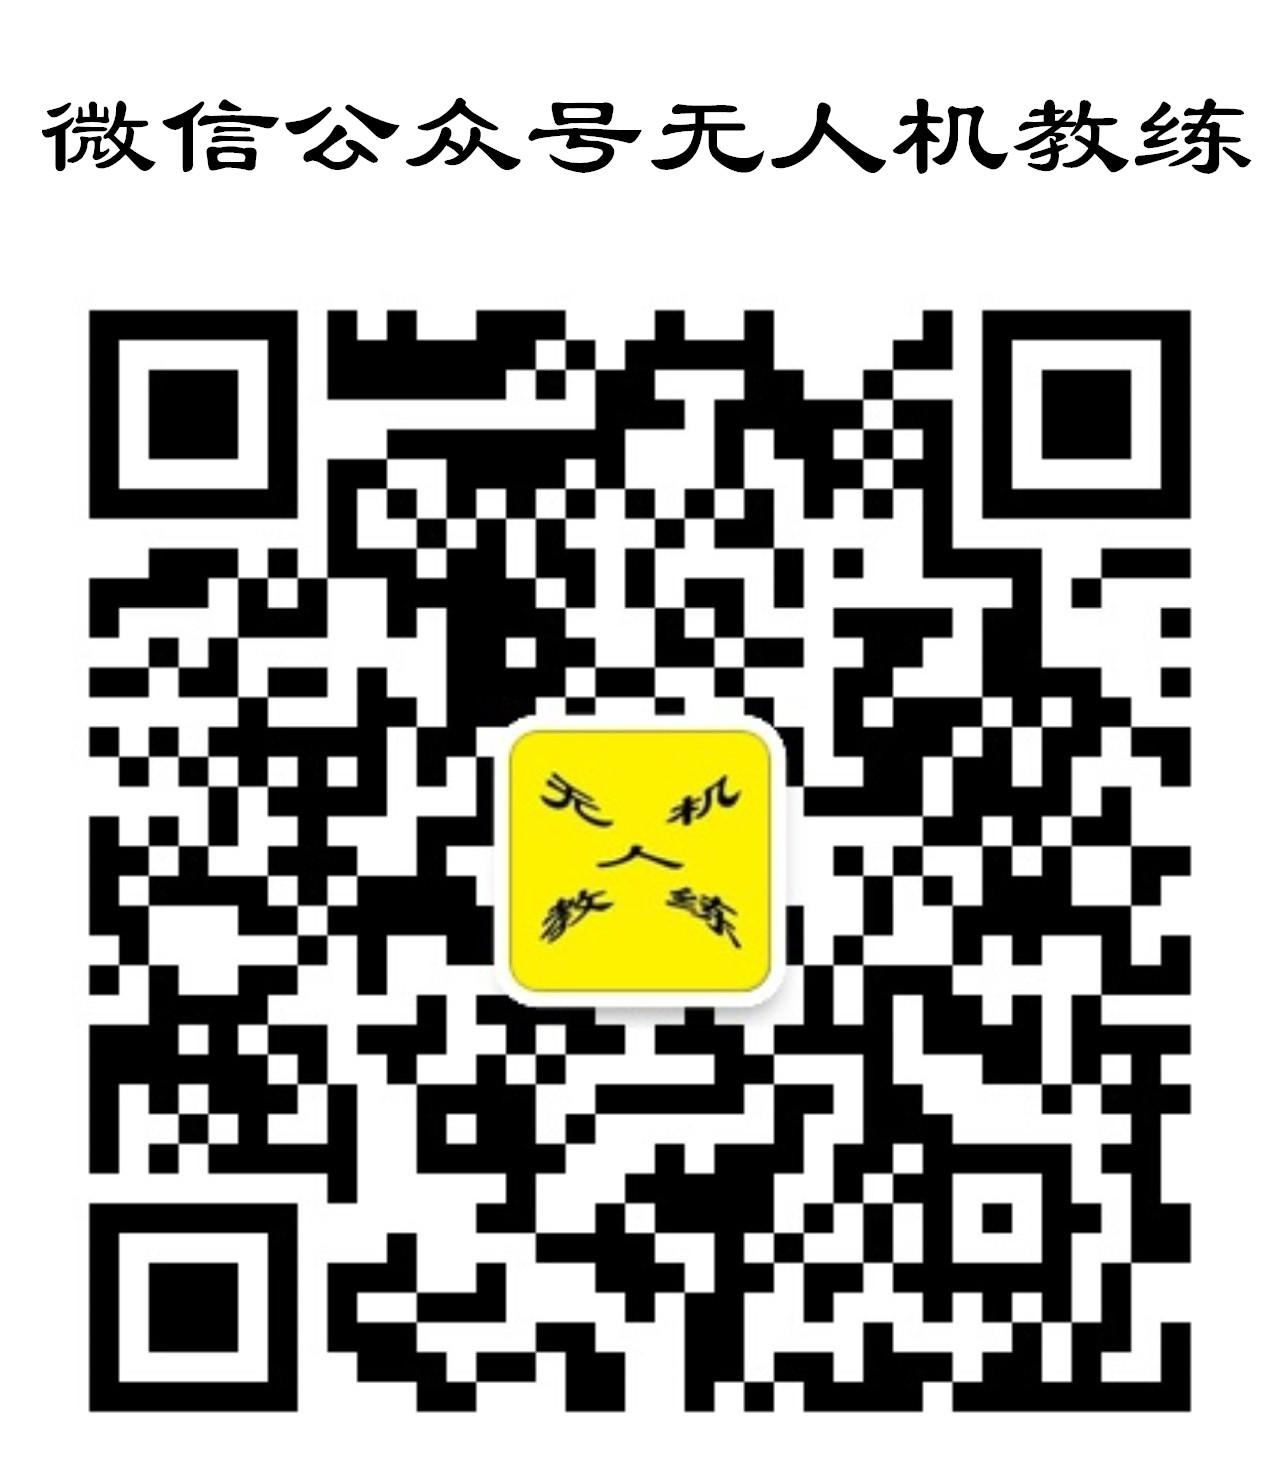 e6cc05bf10eb_1280(1)_副本.jpg